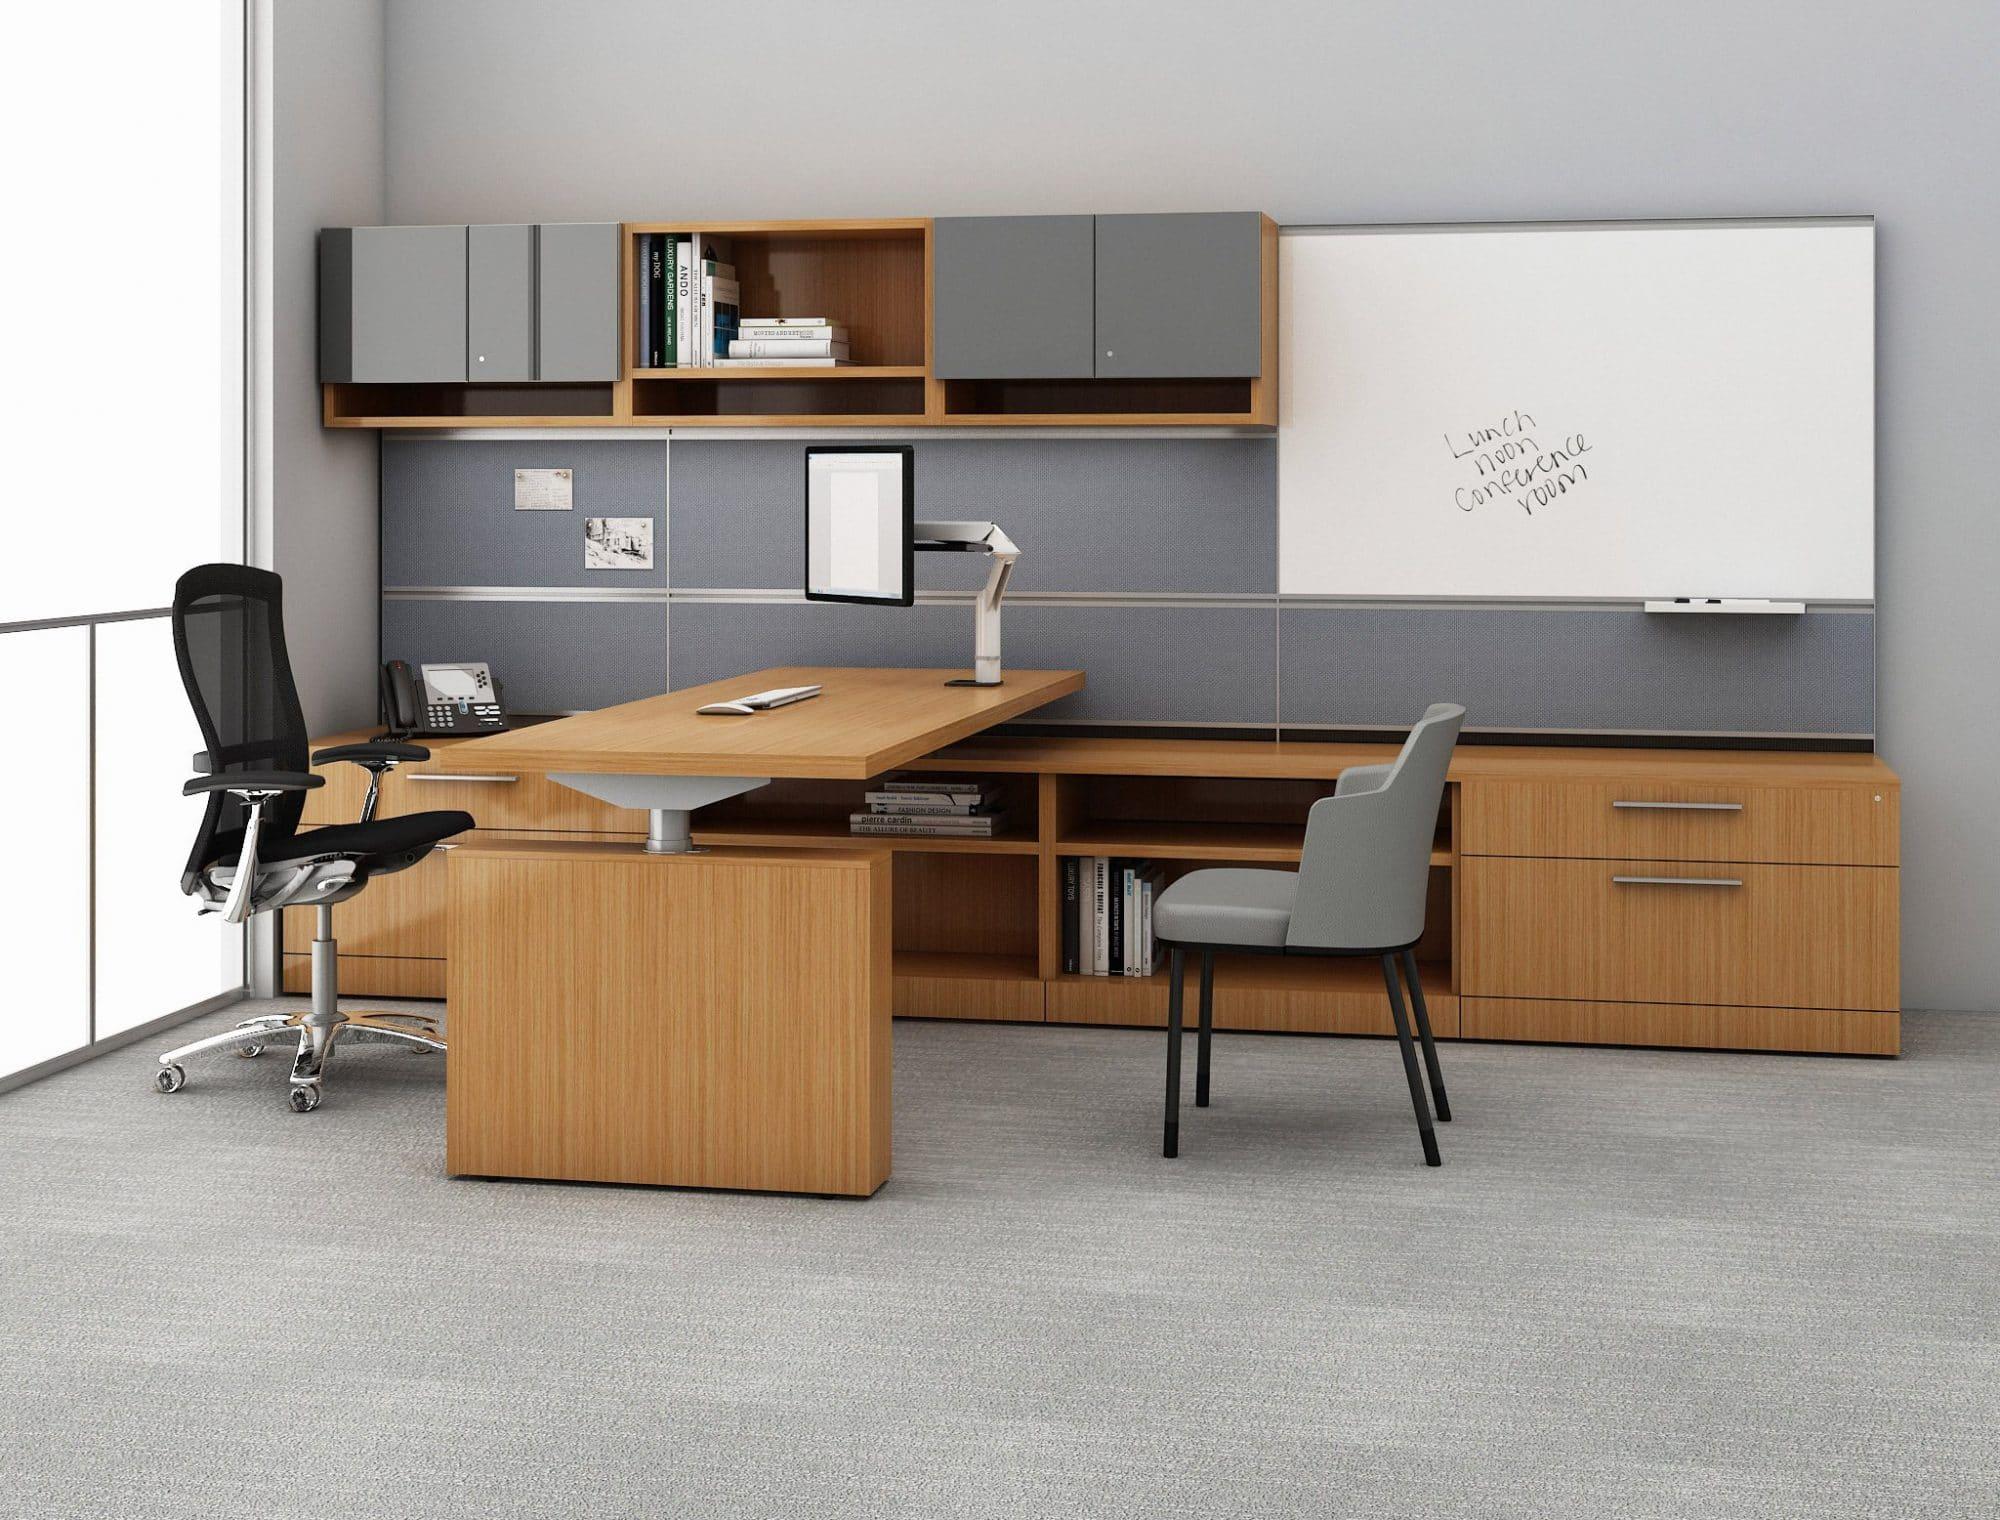 Reff-Private-office-12